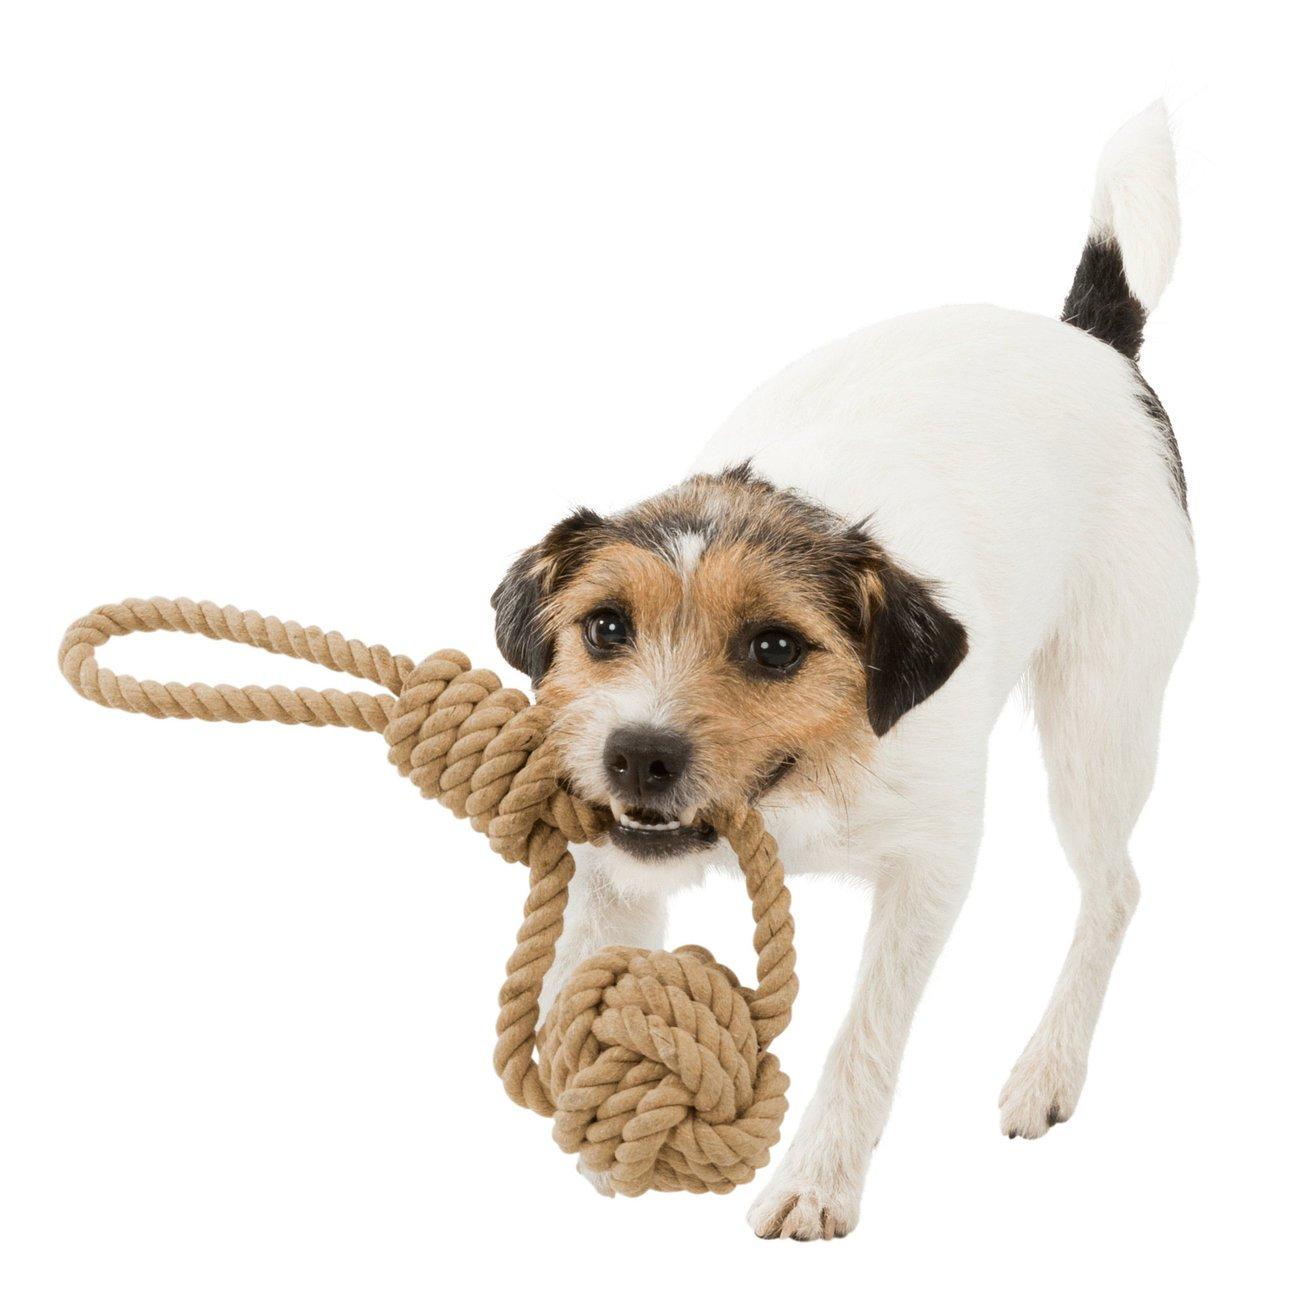 TRIXIE BE NORDIC Hunde Spieltau mit eingeflochtenem Ball 32632, Bild 2